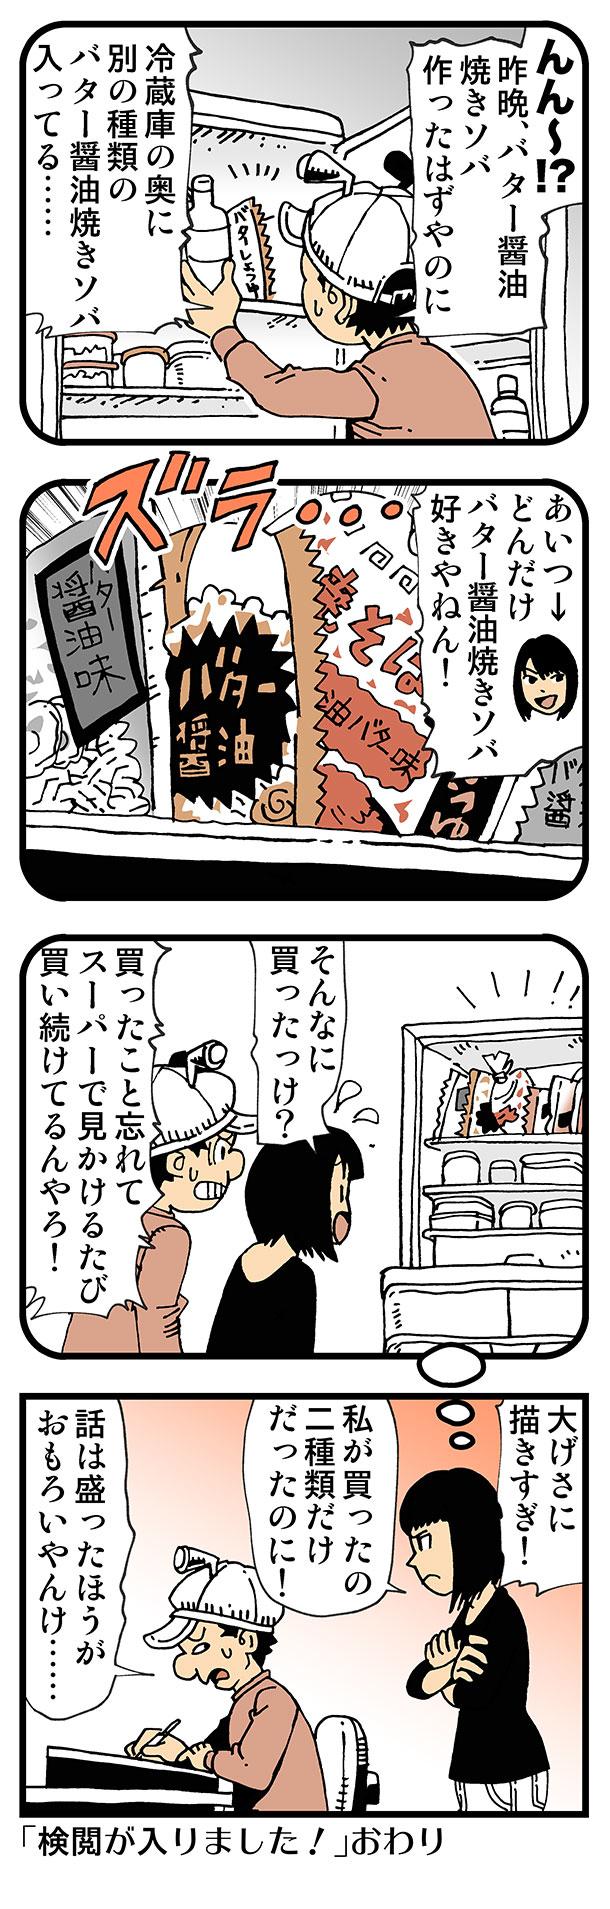 【普通】バター醤油焼きソバ問題